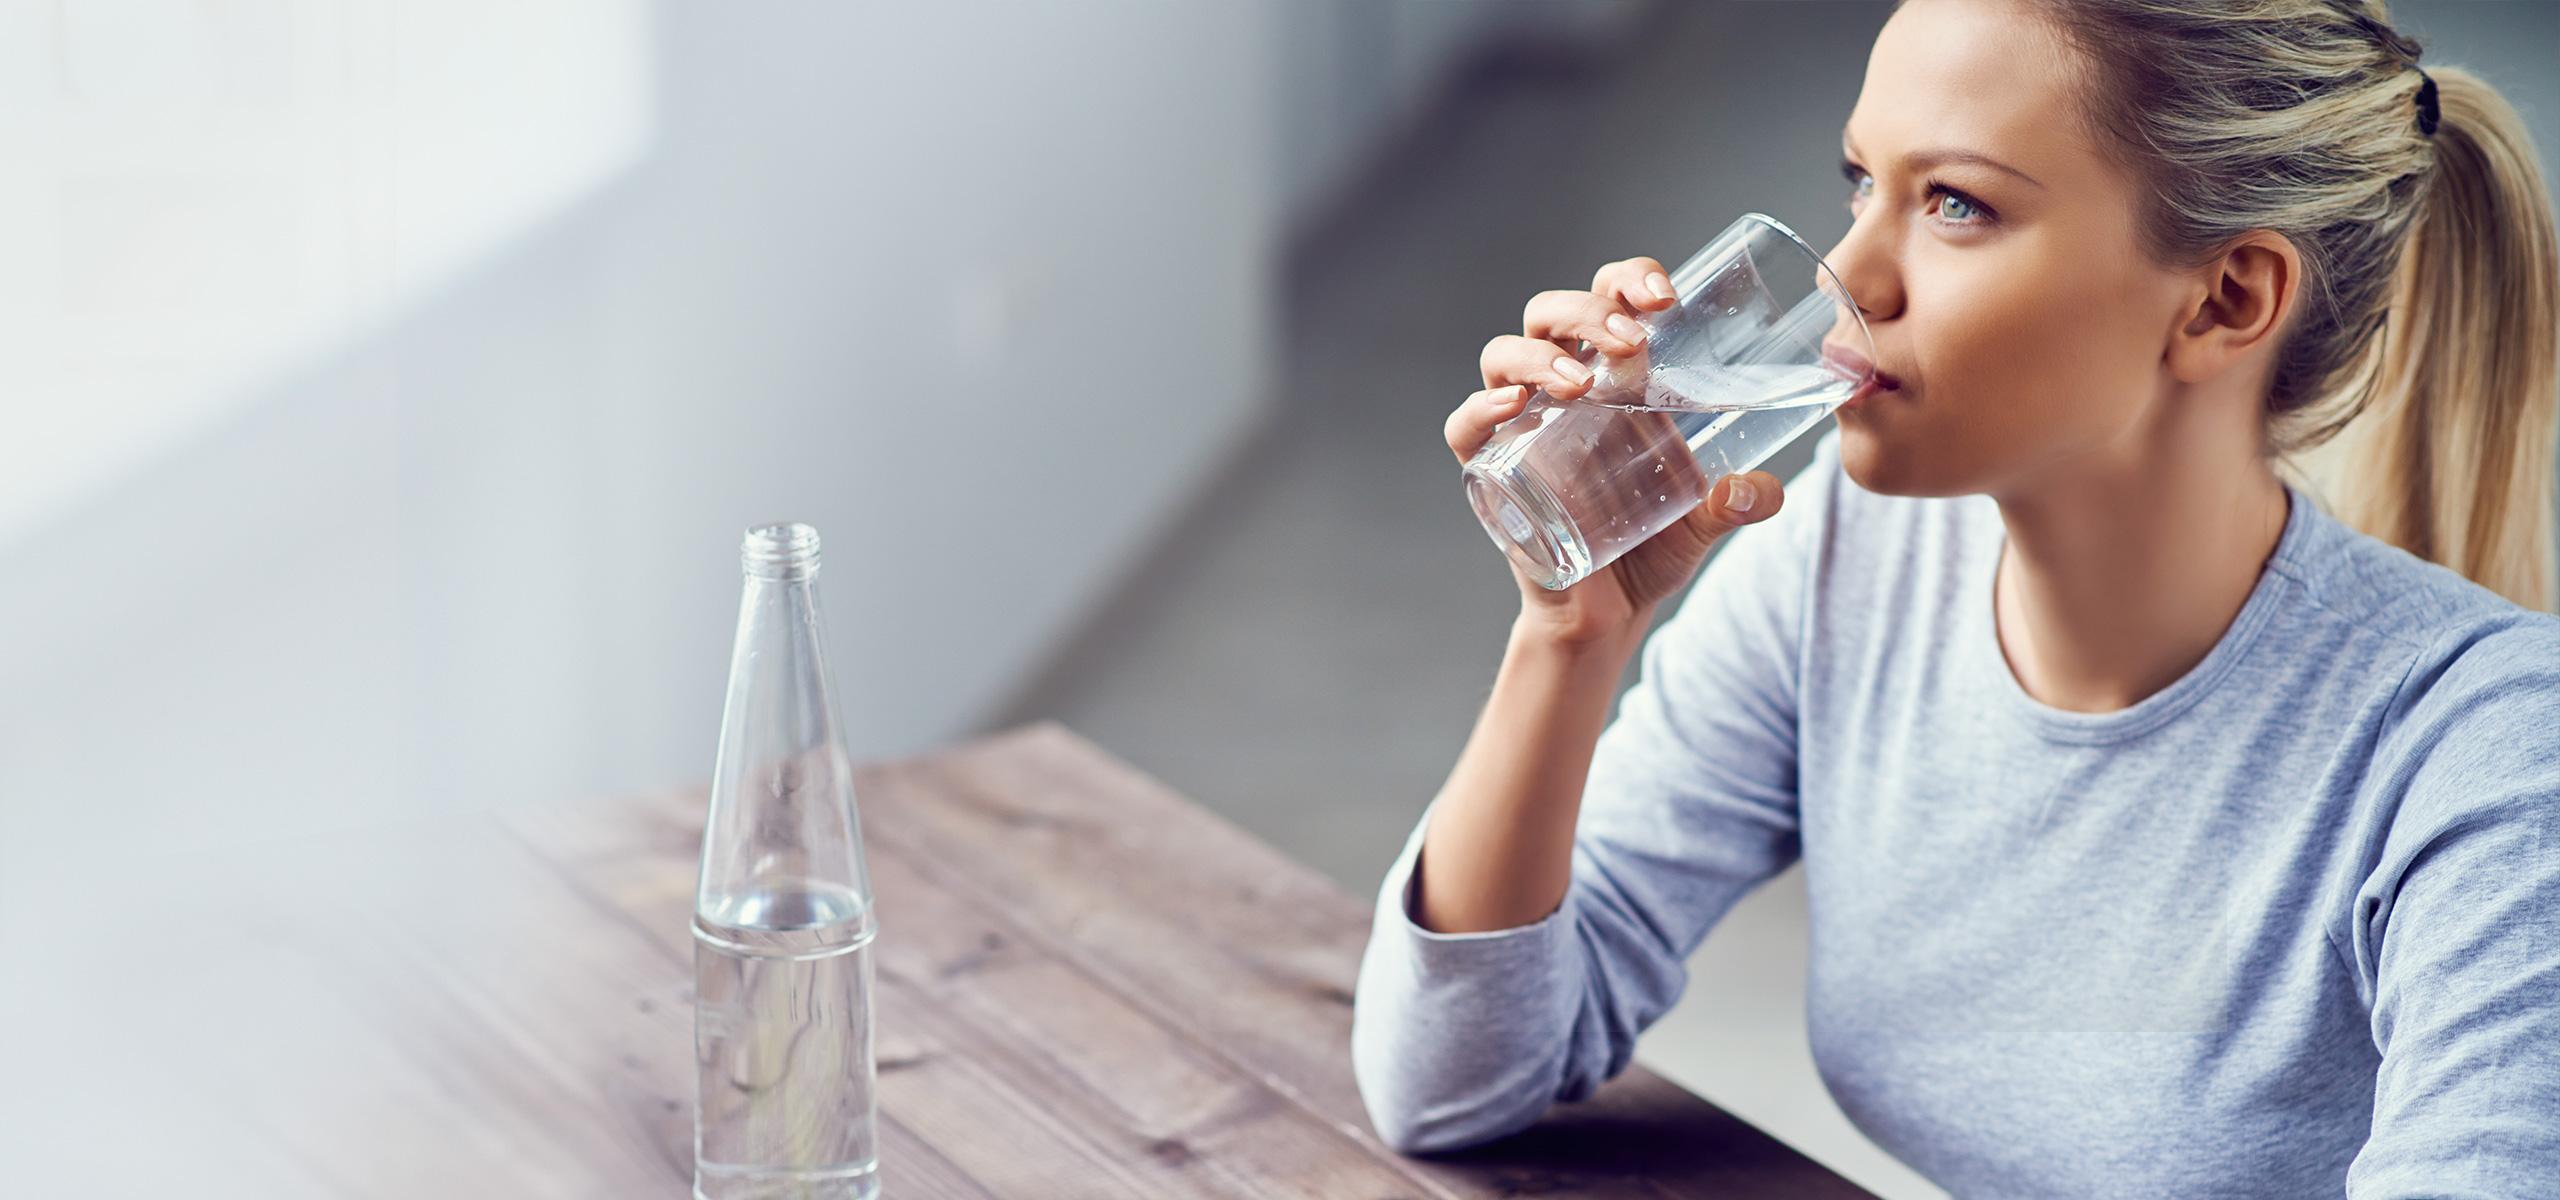 flüssigkeitsmangel viel wasser trinken